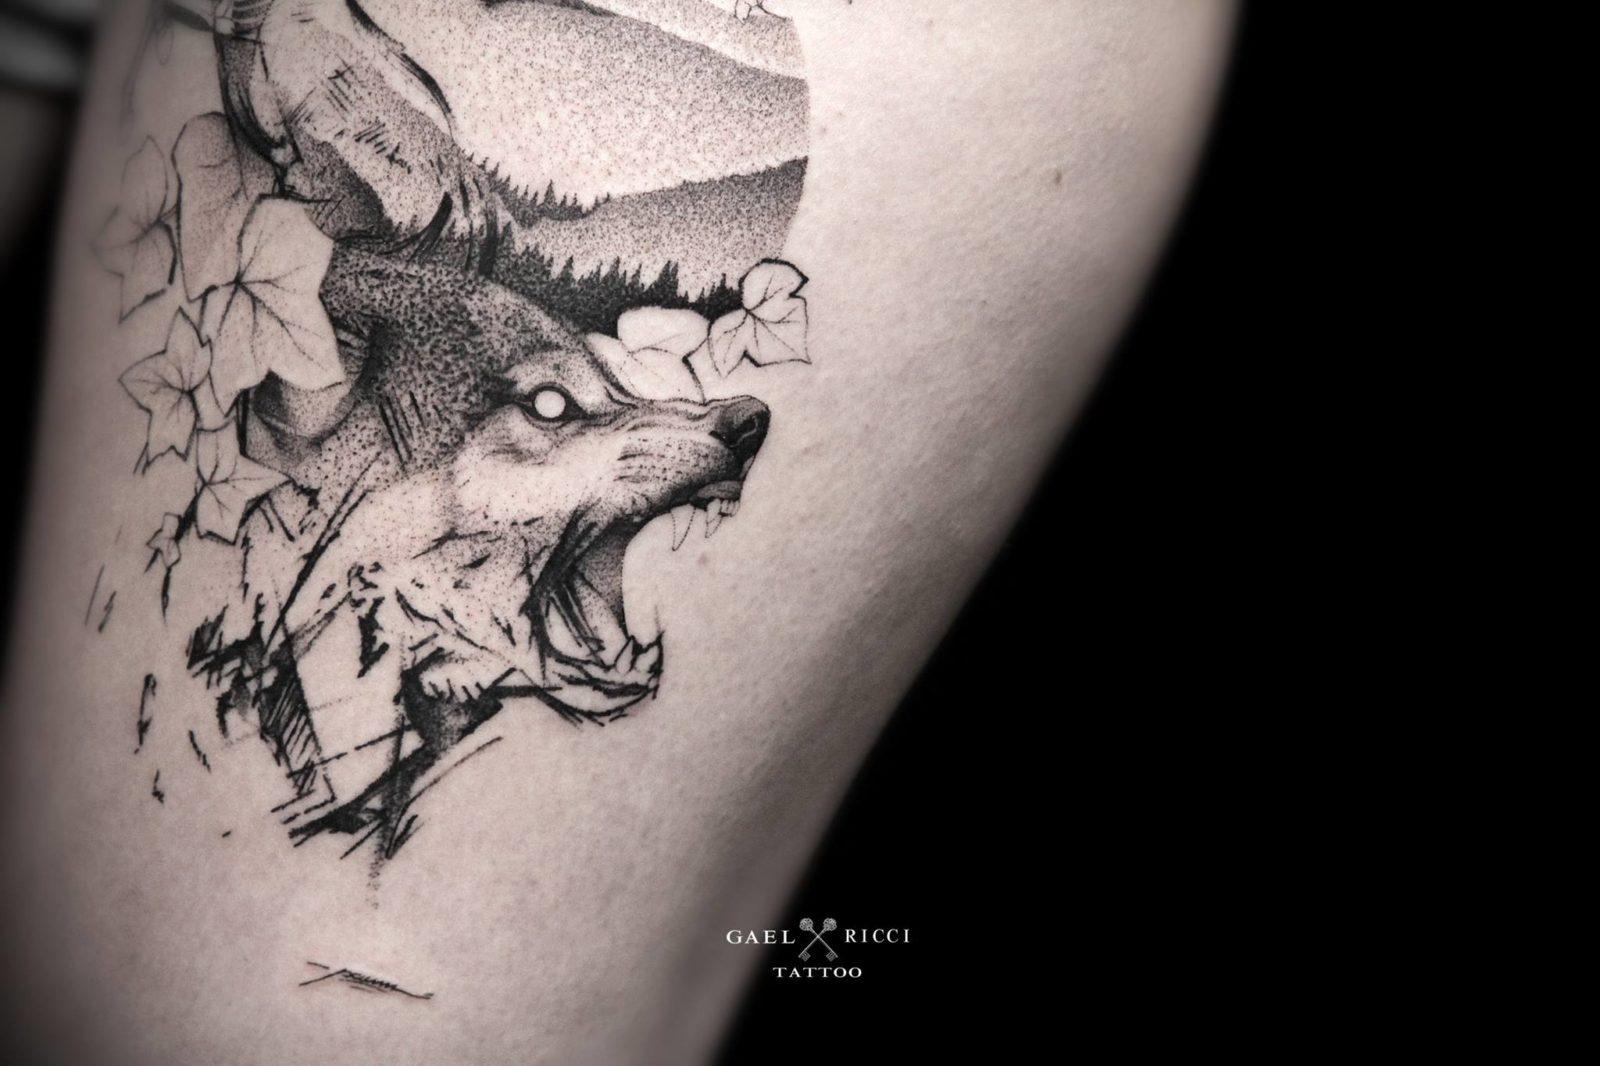 gael ricci 2 streetartistes tatoueurs tatouage arturbain radar top5 allurbanmakers - Ces cinq artistes explosent les barrières entre graffiti et tatouage…